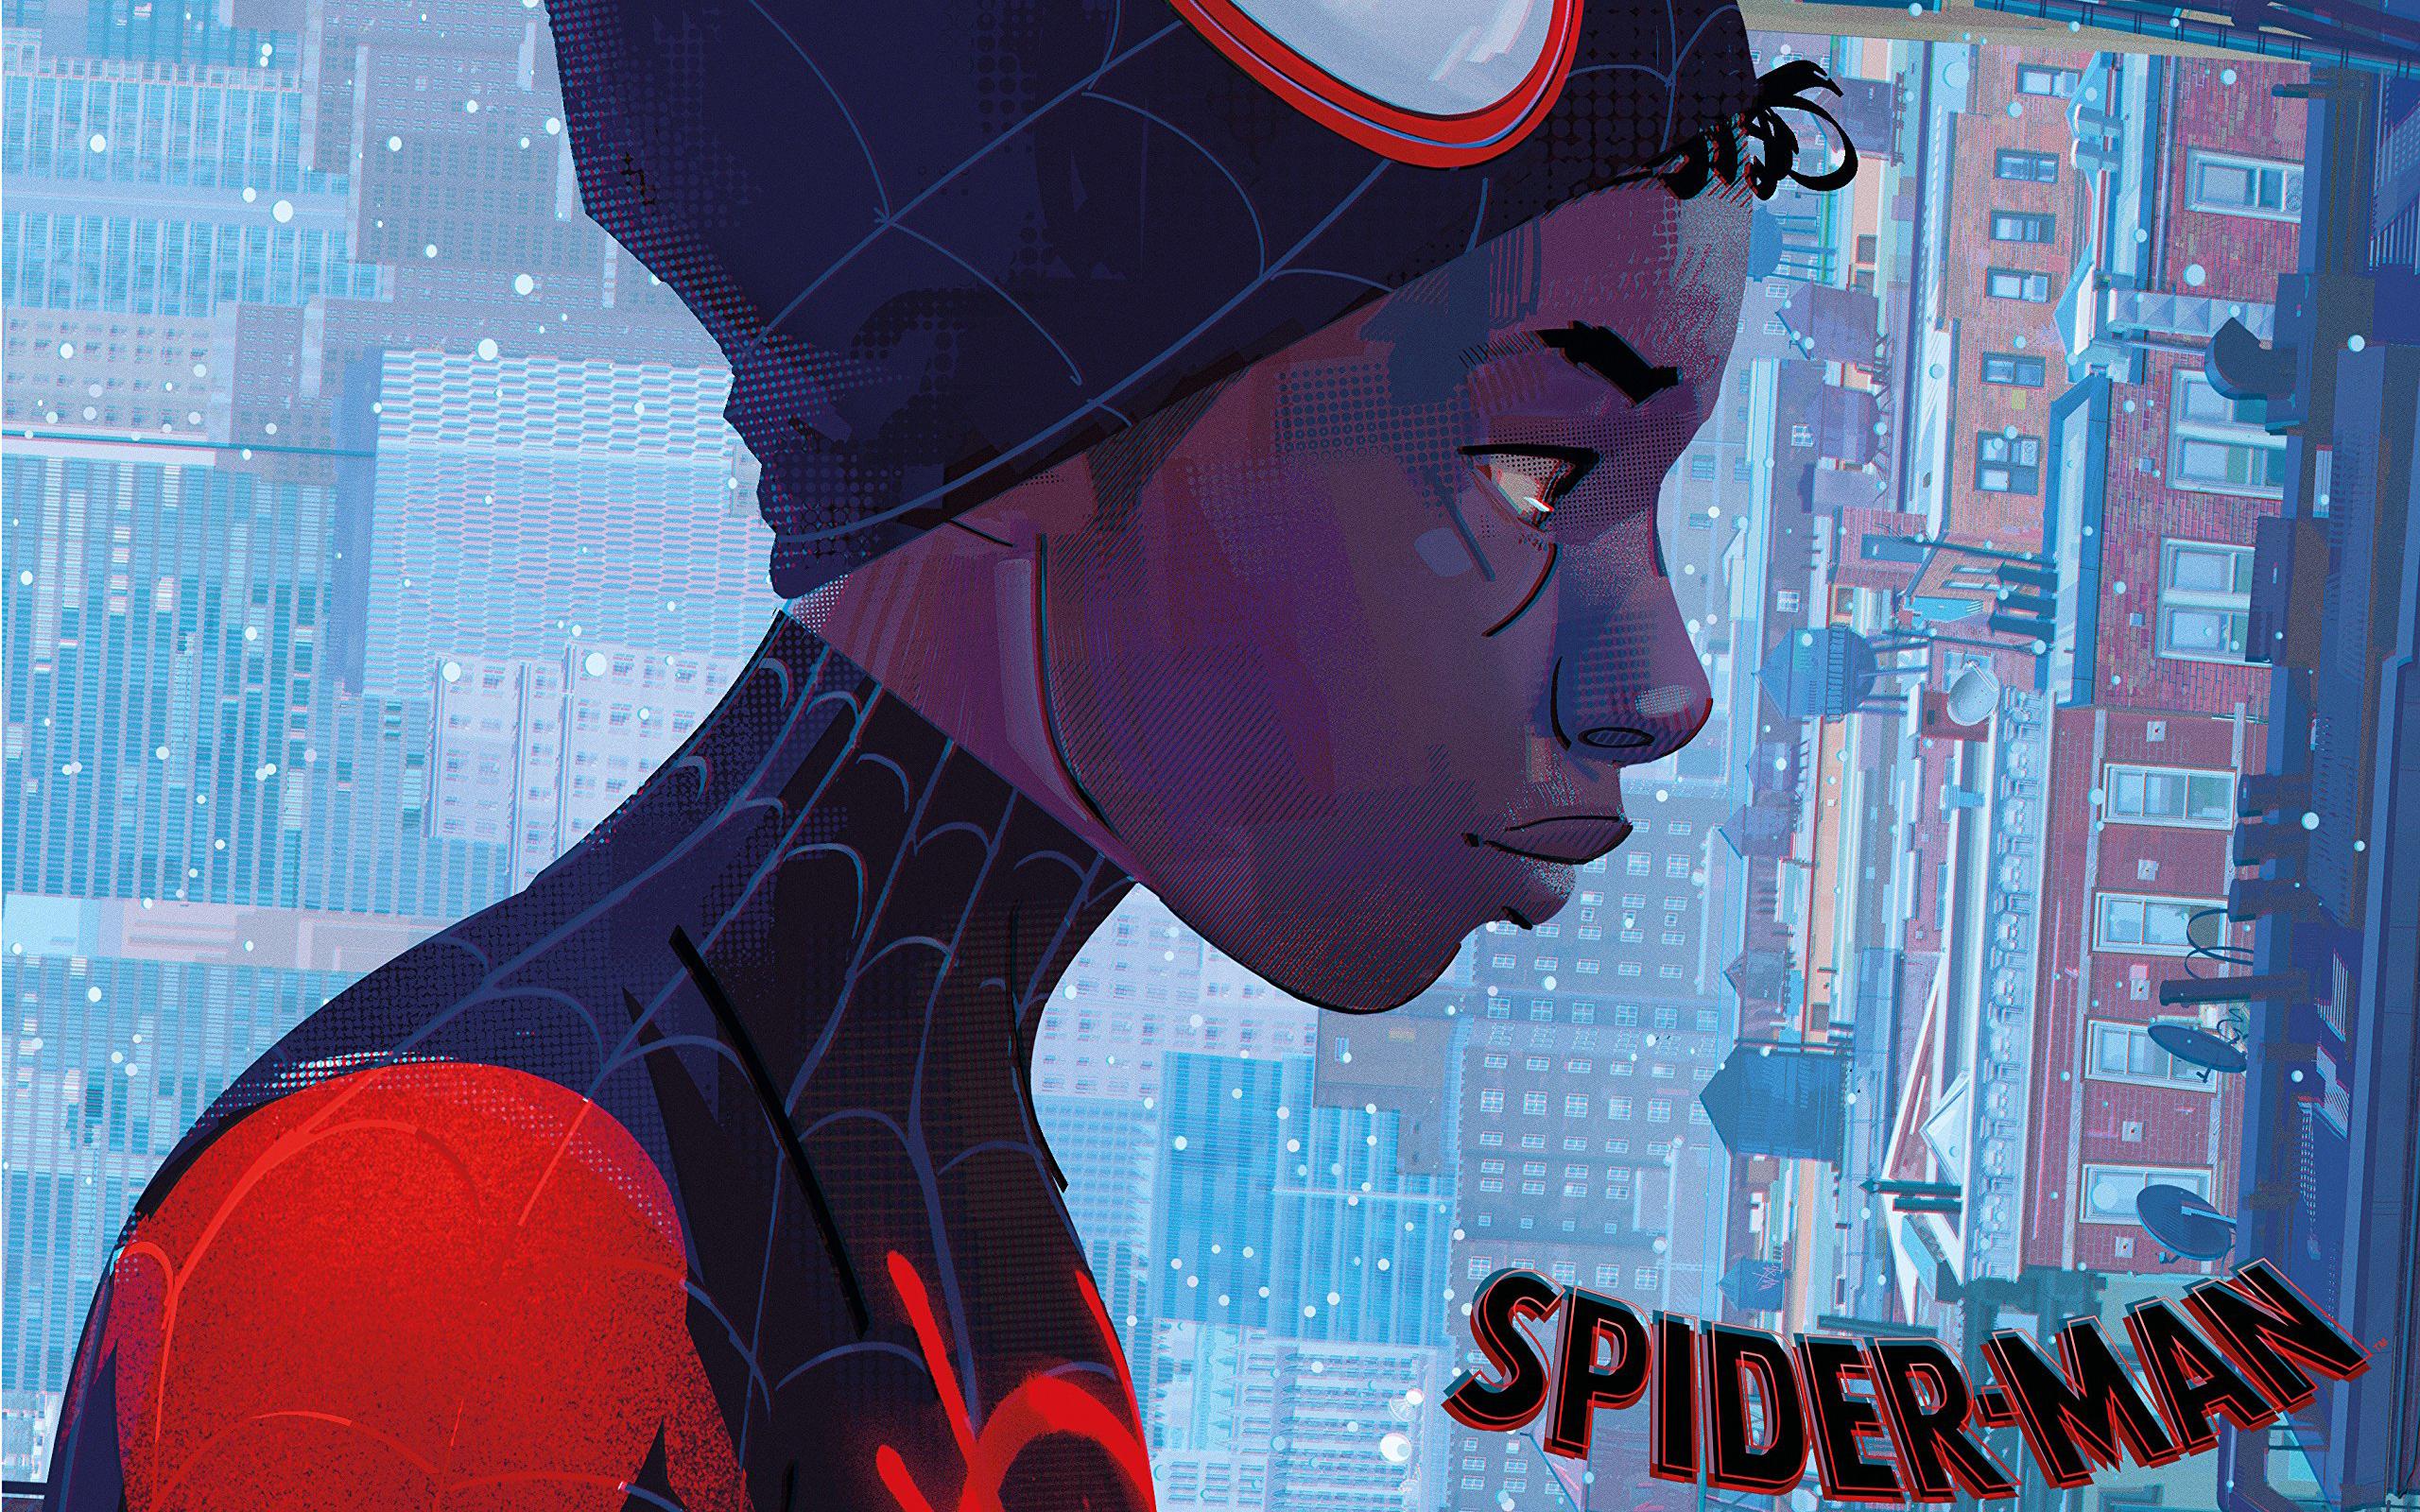 Человек-паук Через вселенные обои с Майлзом - Человек-паук ...